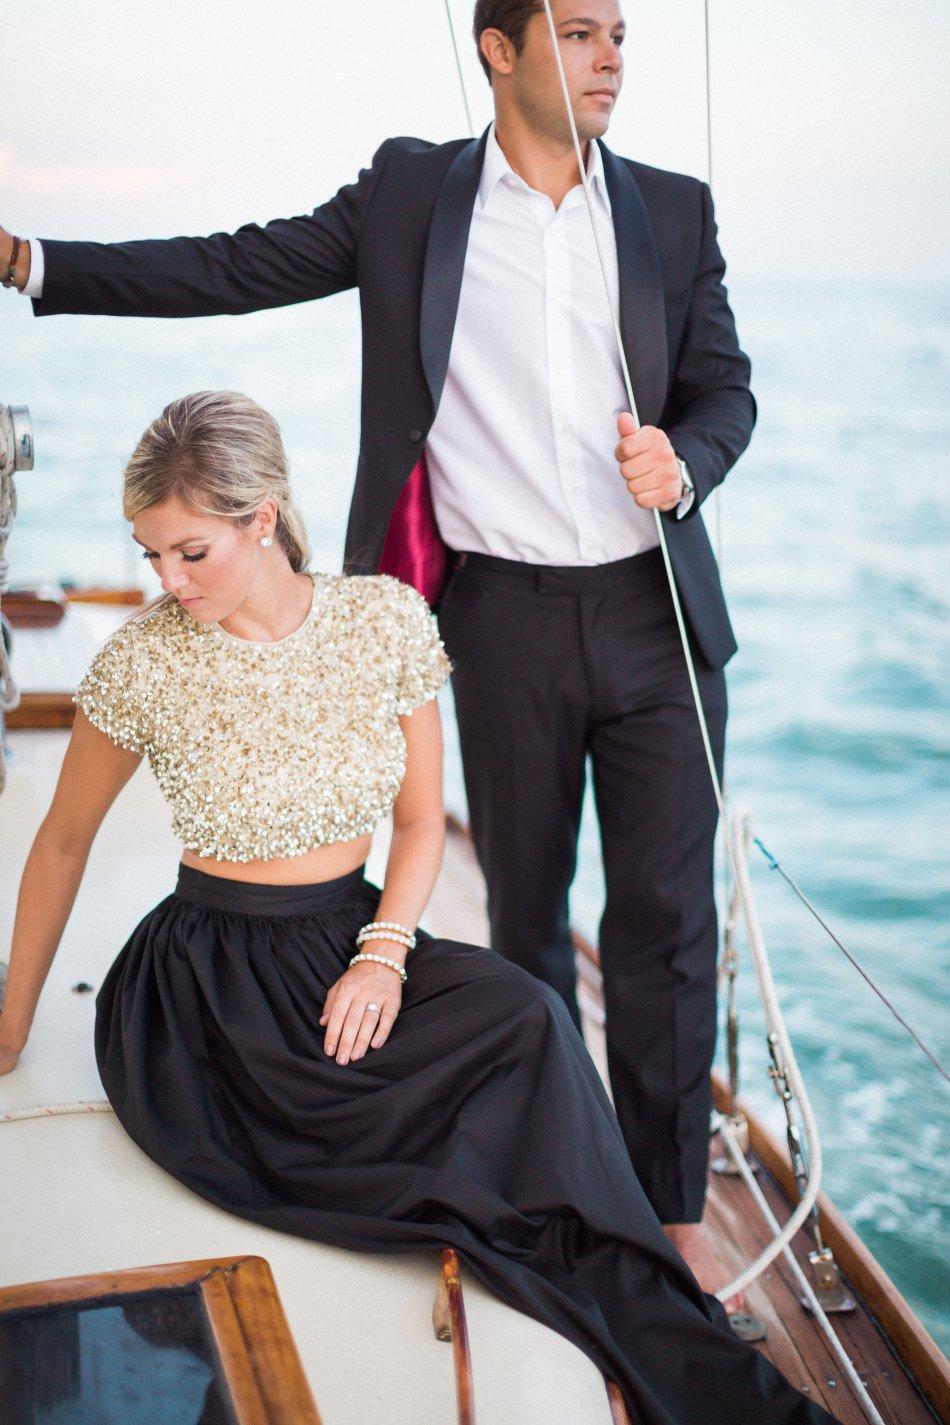 naples-luxury-sailing-engagement-photography-nautical-sailboat-engagement_1099.jpg